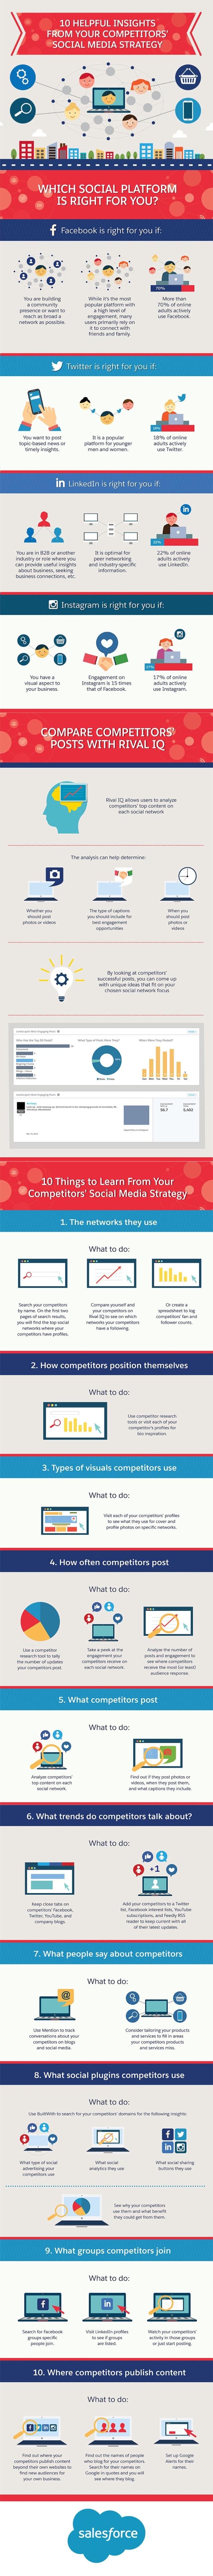 10 façons de voler des idées De la stratégie médias sociaux de vos concurrents